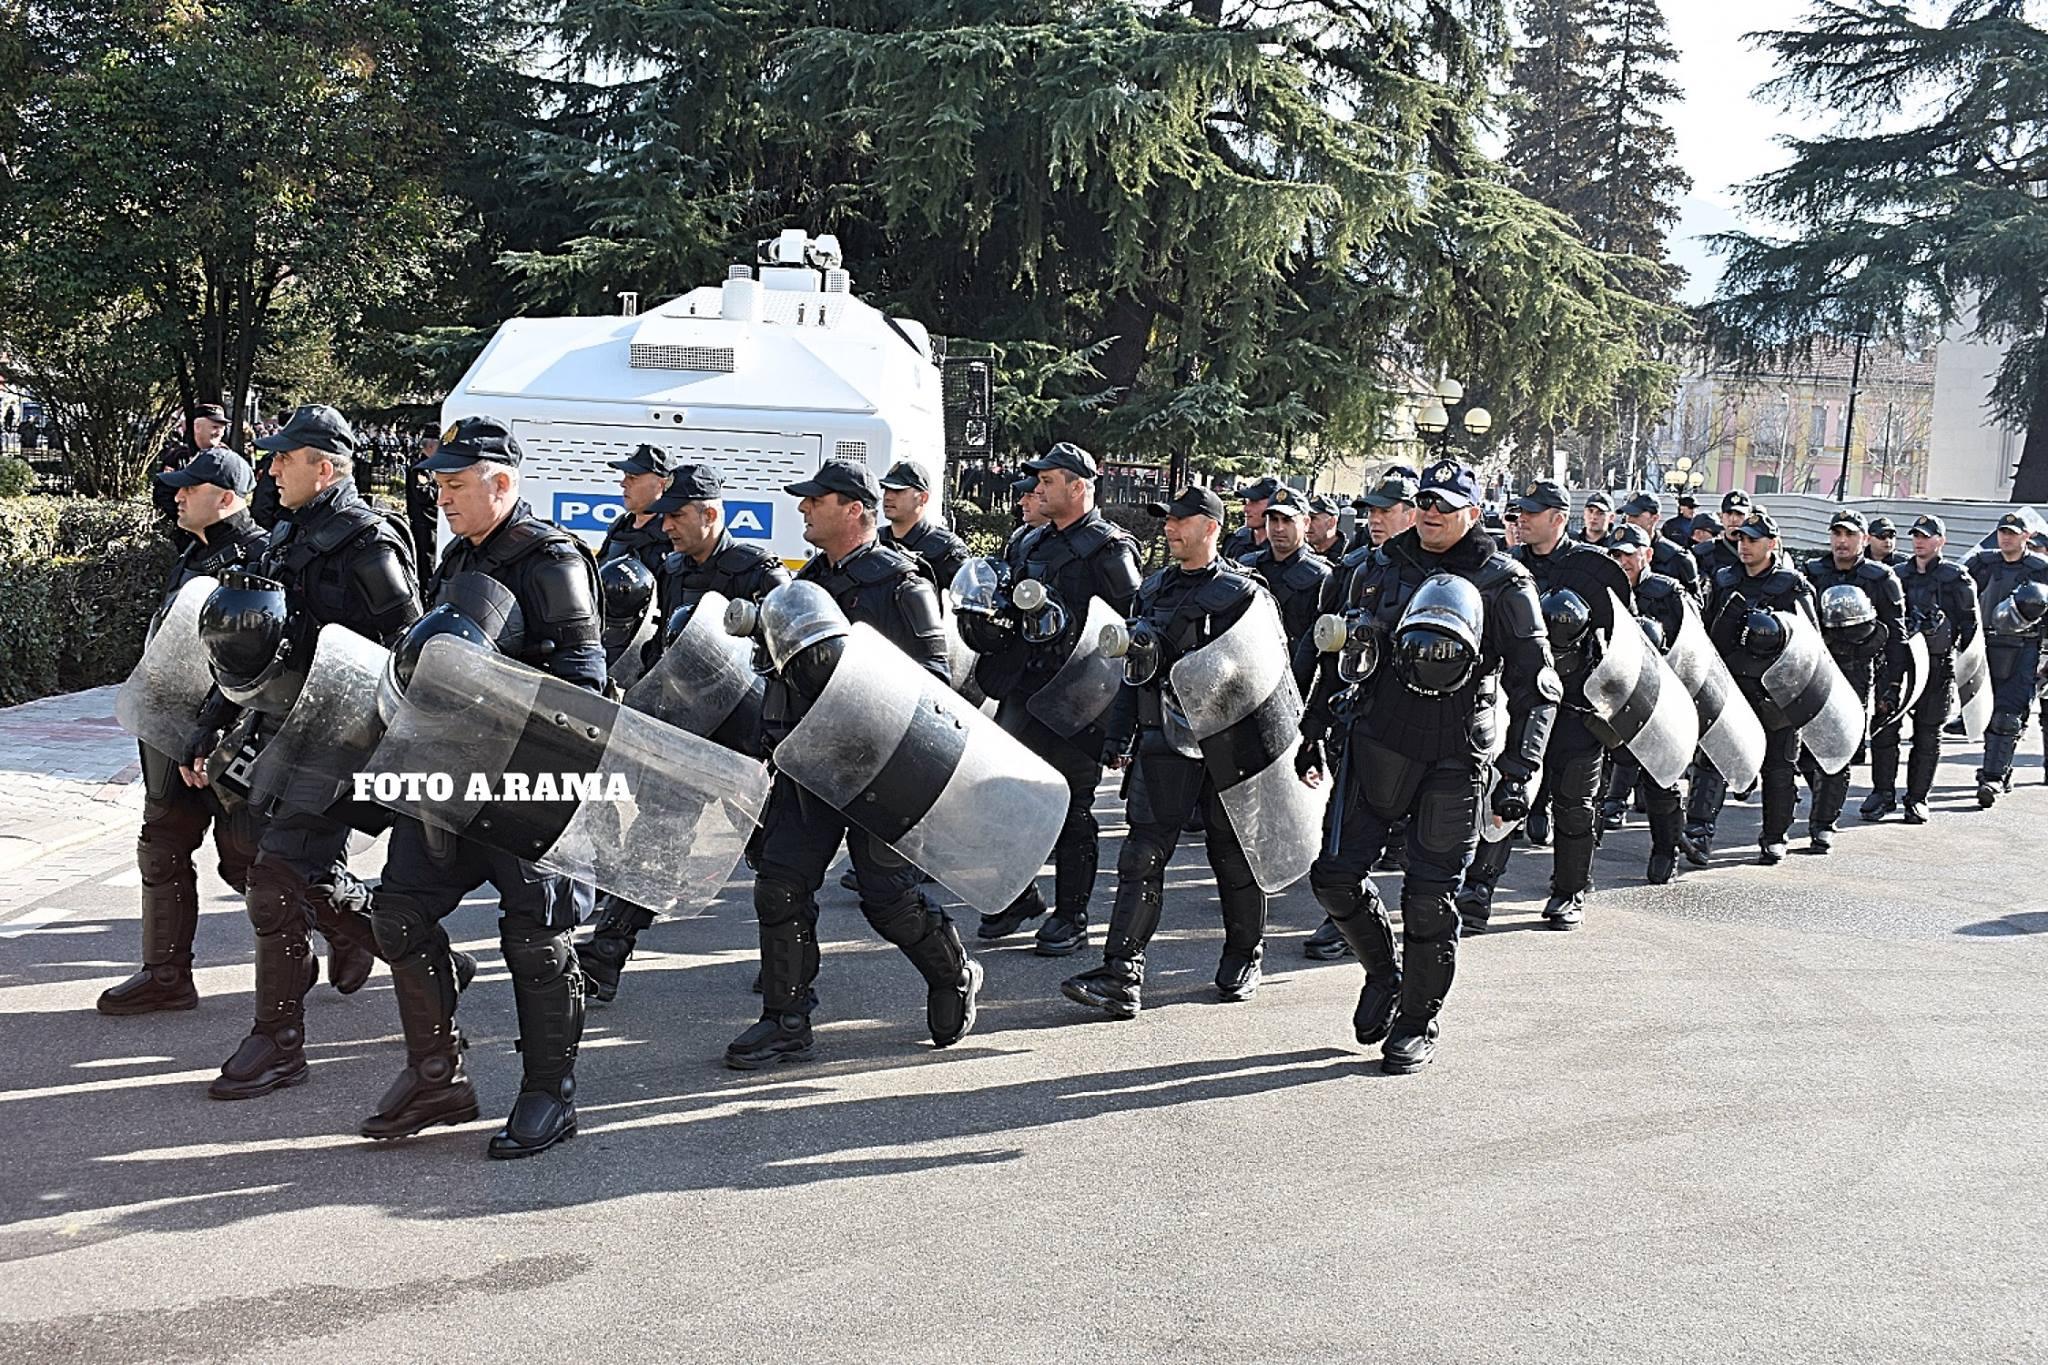 Policia, masa të forta për protestën; gardhe metalikë dhe kamera cilësore